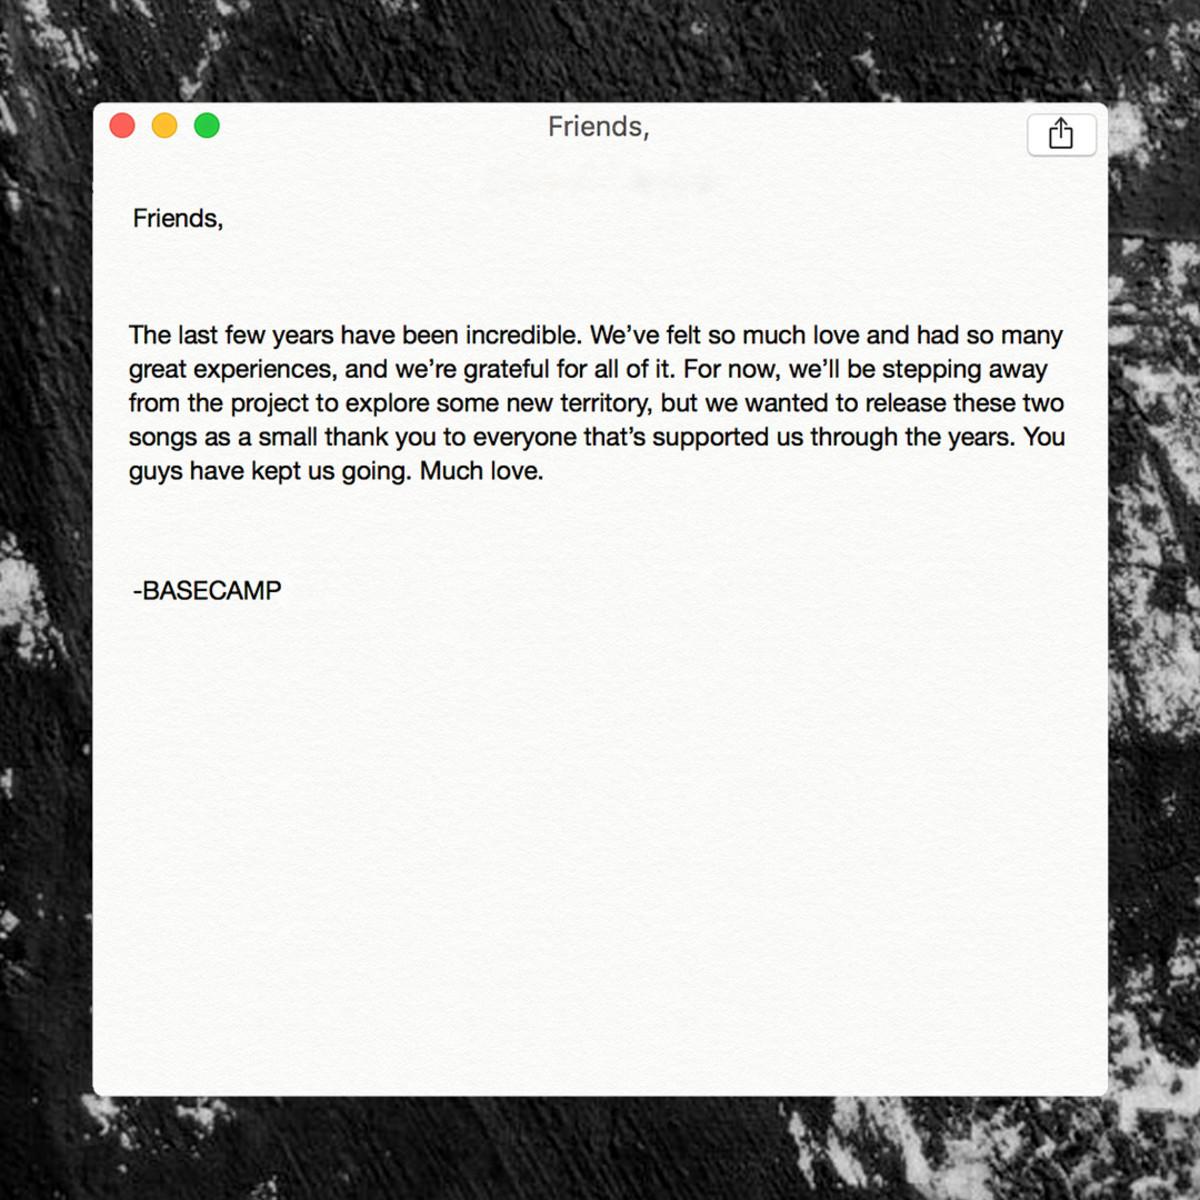 Basecamp Letter